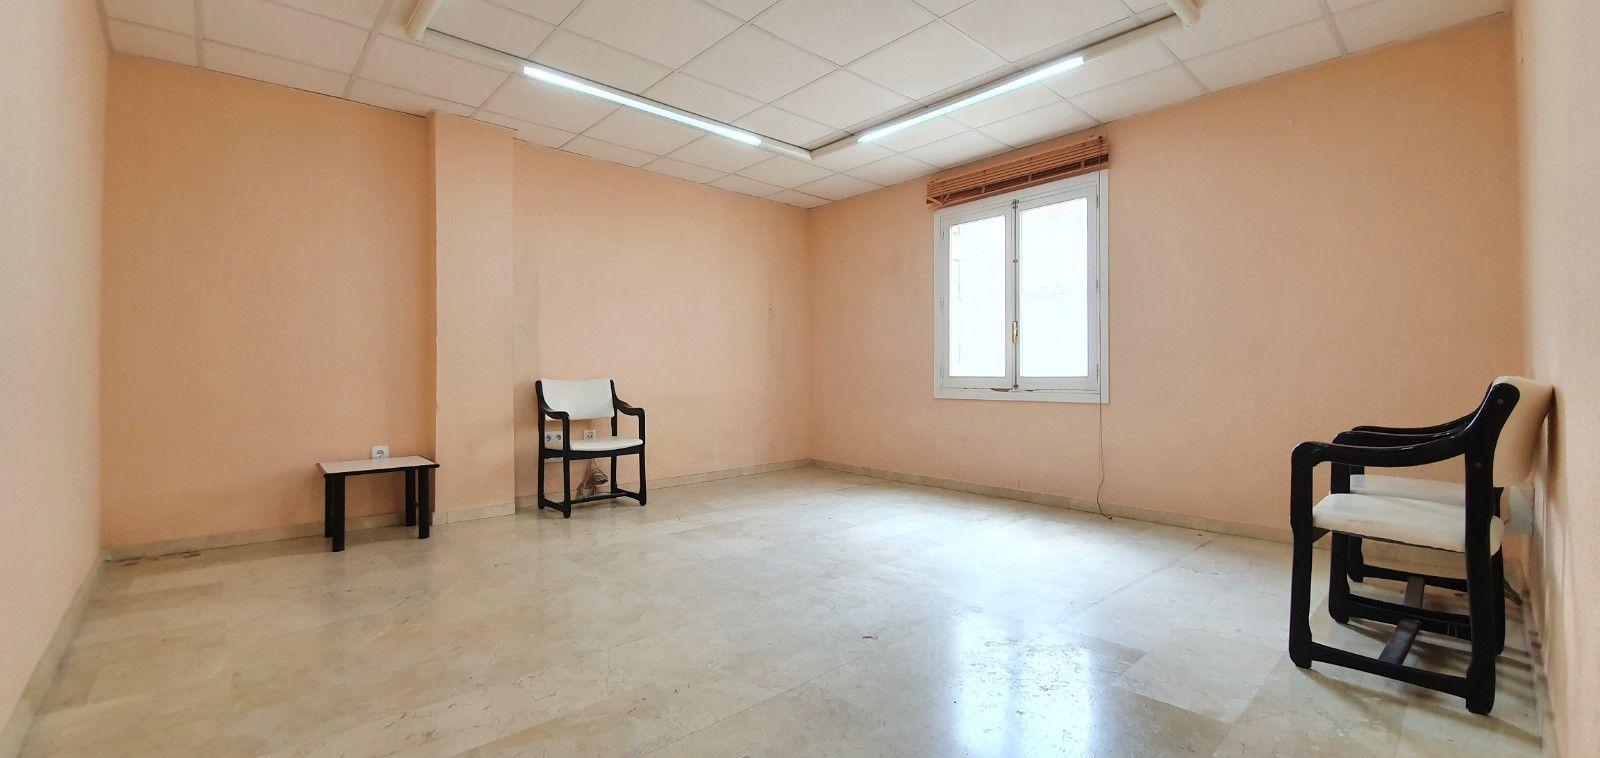 Ufficio in Benidorm, Centro, affitto